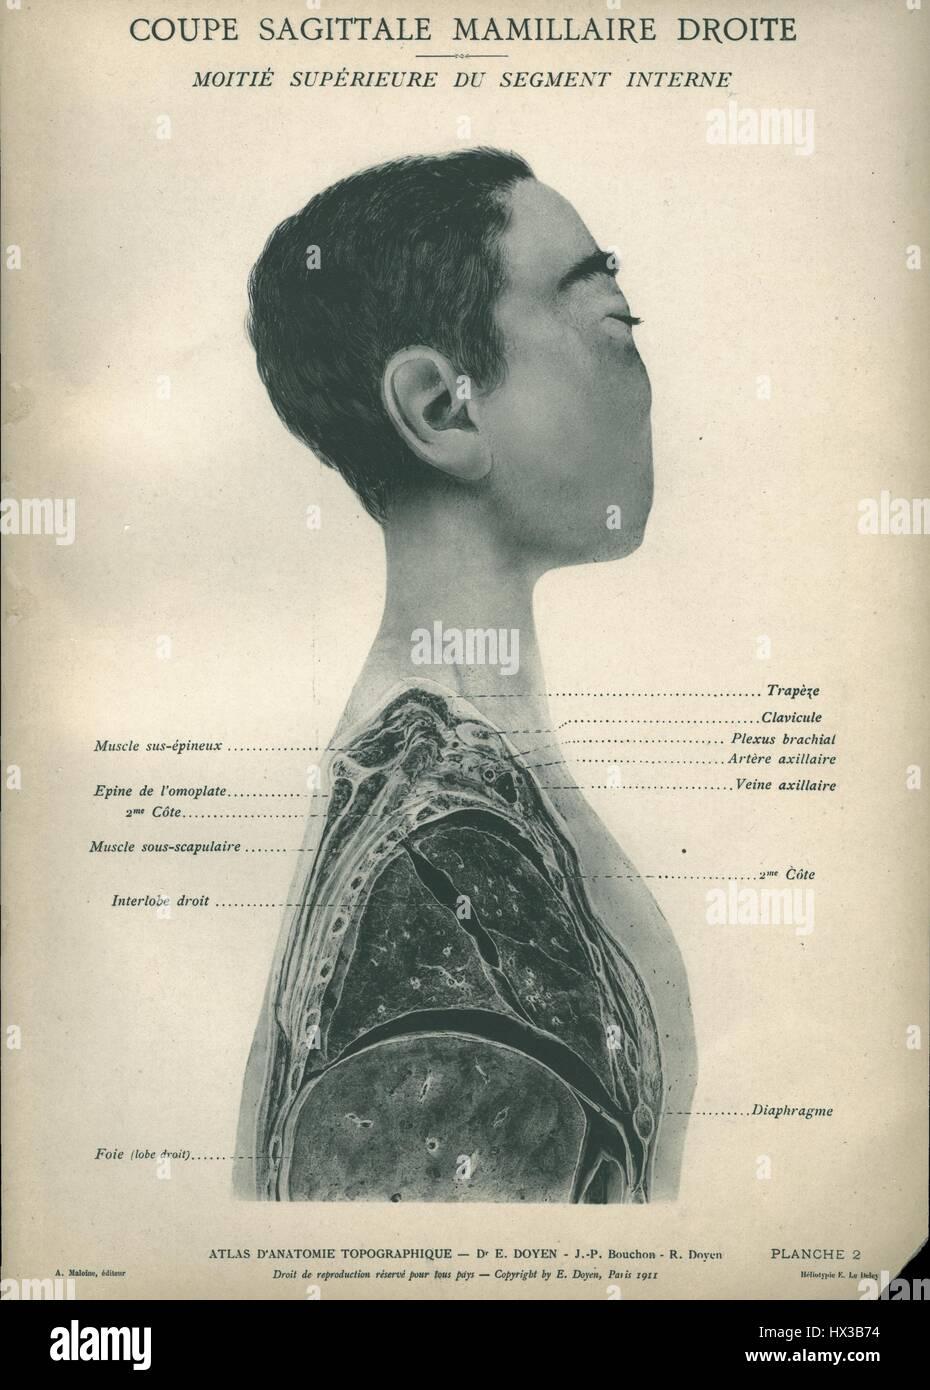 Anatomy Atlas Stockfotos & Anatomy Atlas Bilder - Alamy